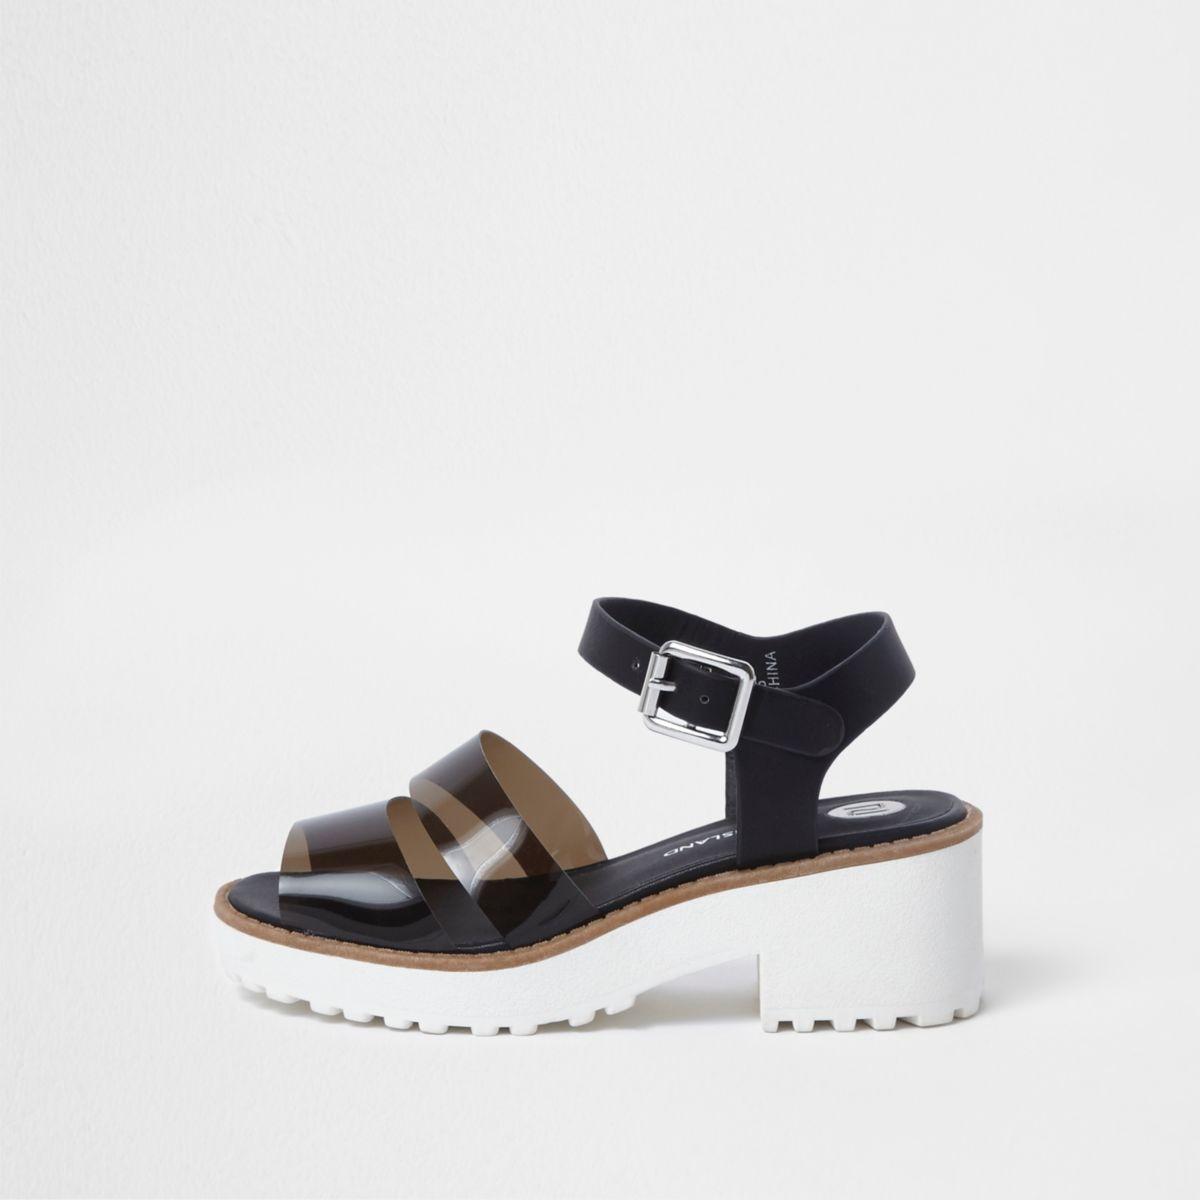 Sandales épaisses à brides en plastique noir pour fille